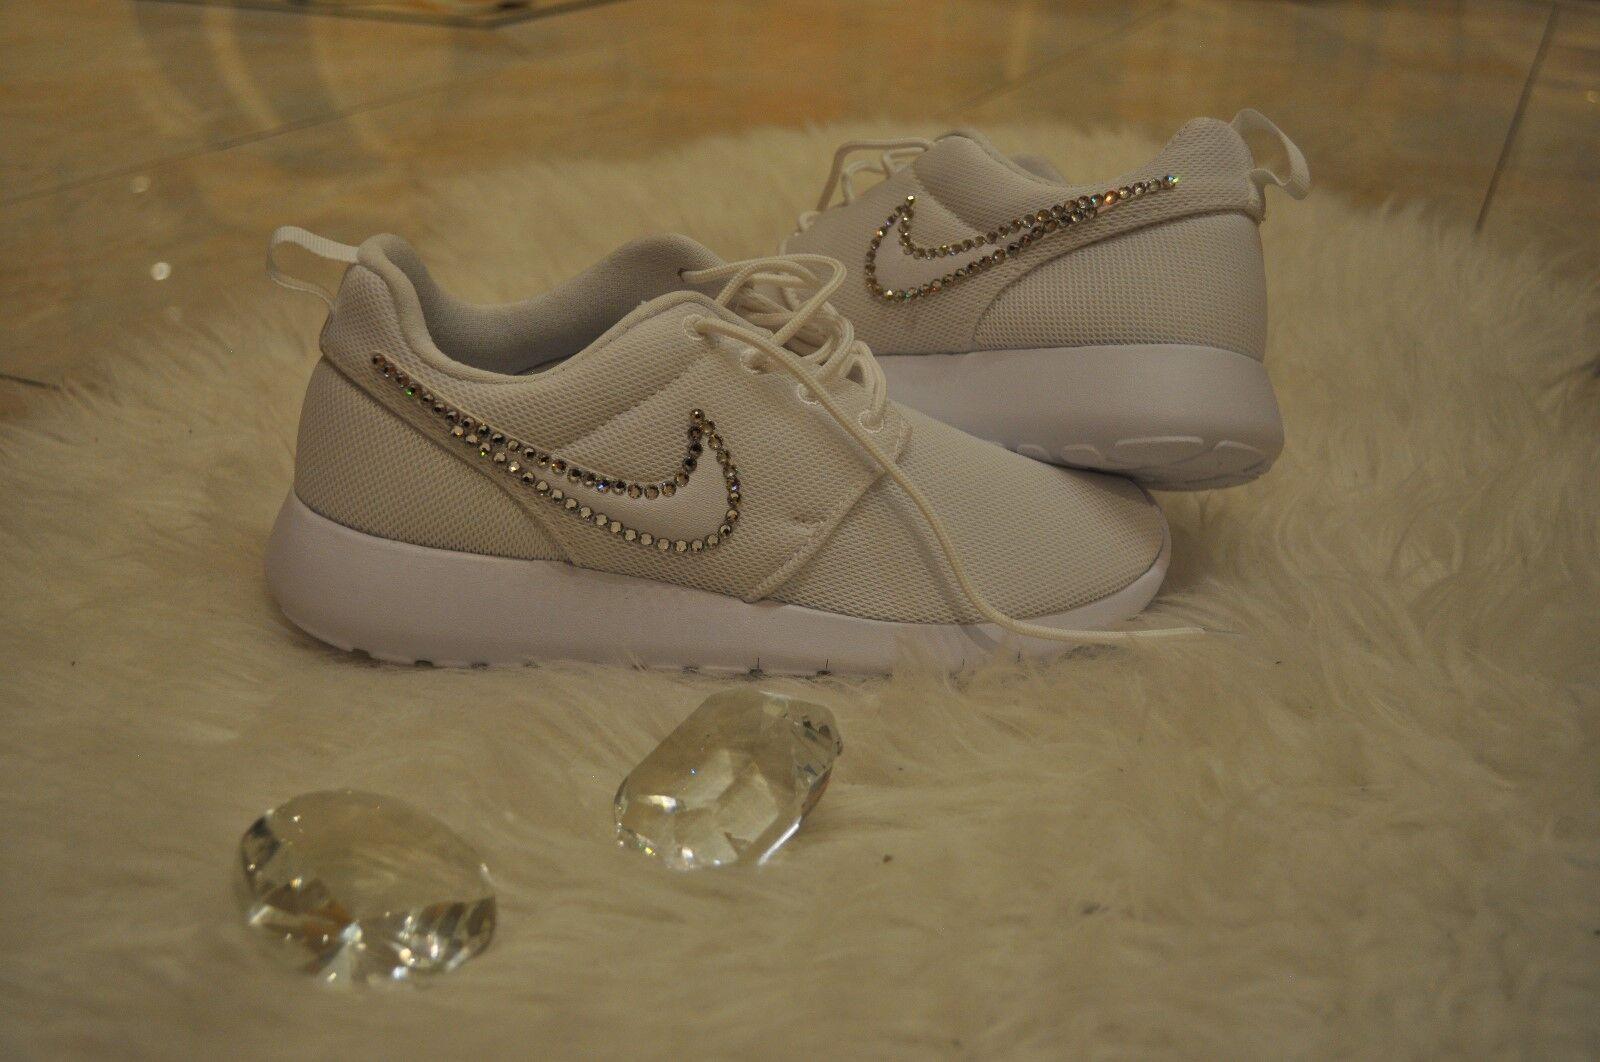 Crystal 35 Nike Roshe One Gr. 35 Crystal Glitzer mit Swarovski Elements Neu c8d009